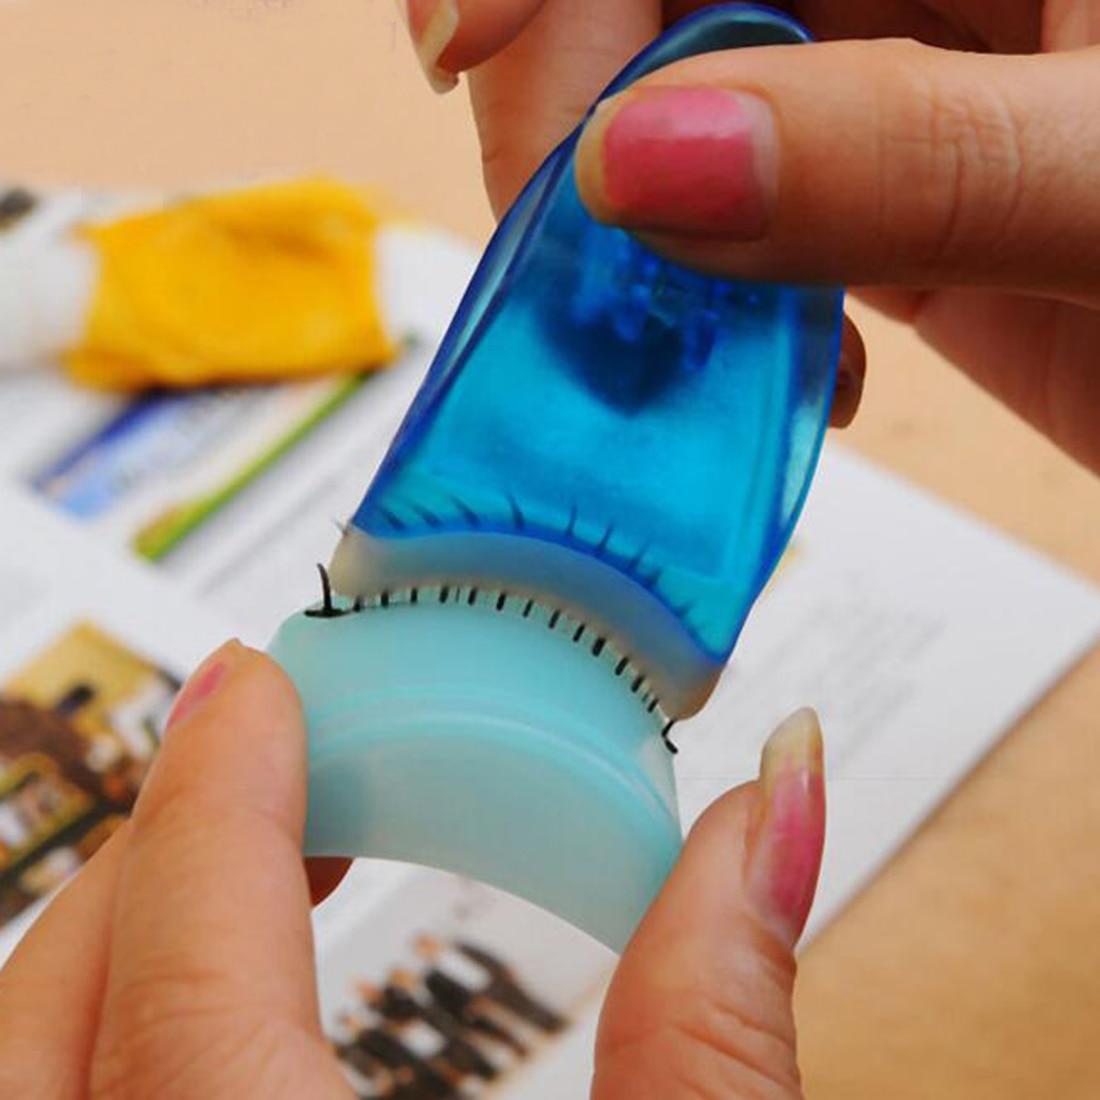 1 stück Arc-förmigen Falsche Wimpern Applikator Wimpern Clip Mascara Curler Gefälschte Wimpern Pinzette Machen Up Werkzeug Zufällige farbe